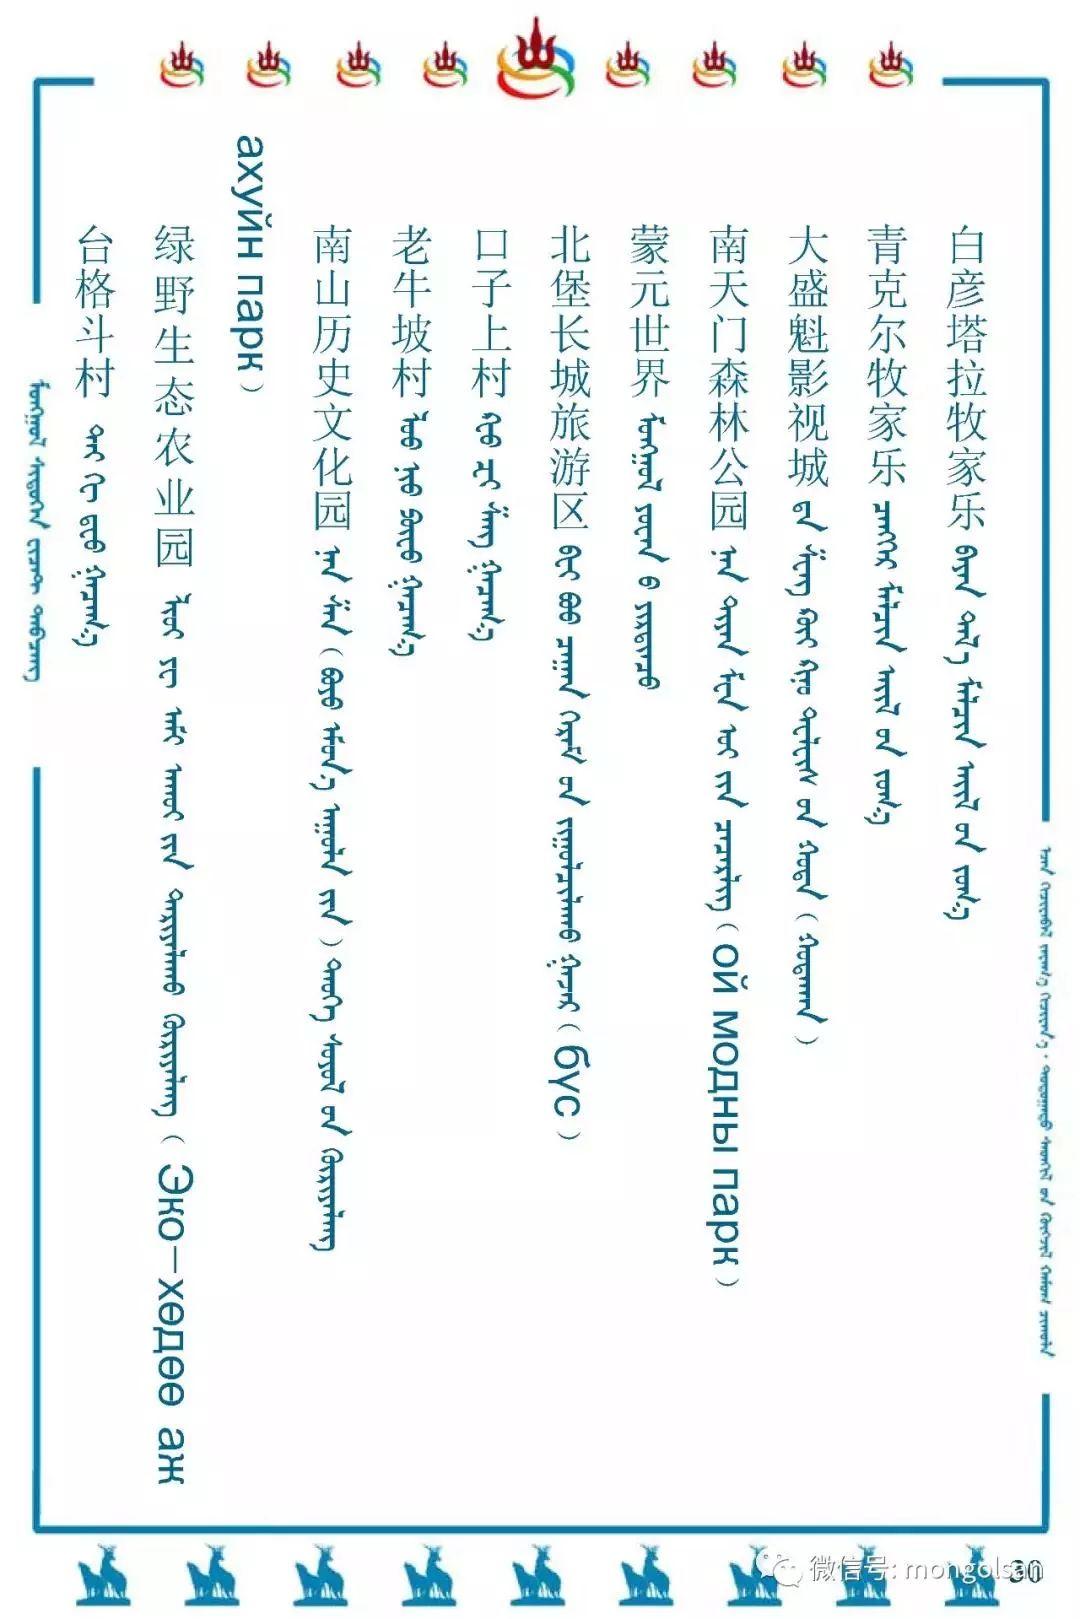 最新名词蒙古语翻译参考 第30张